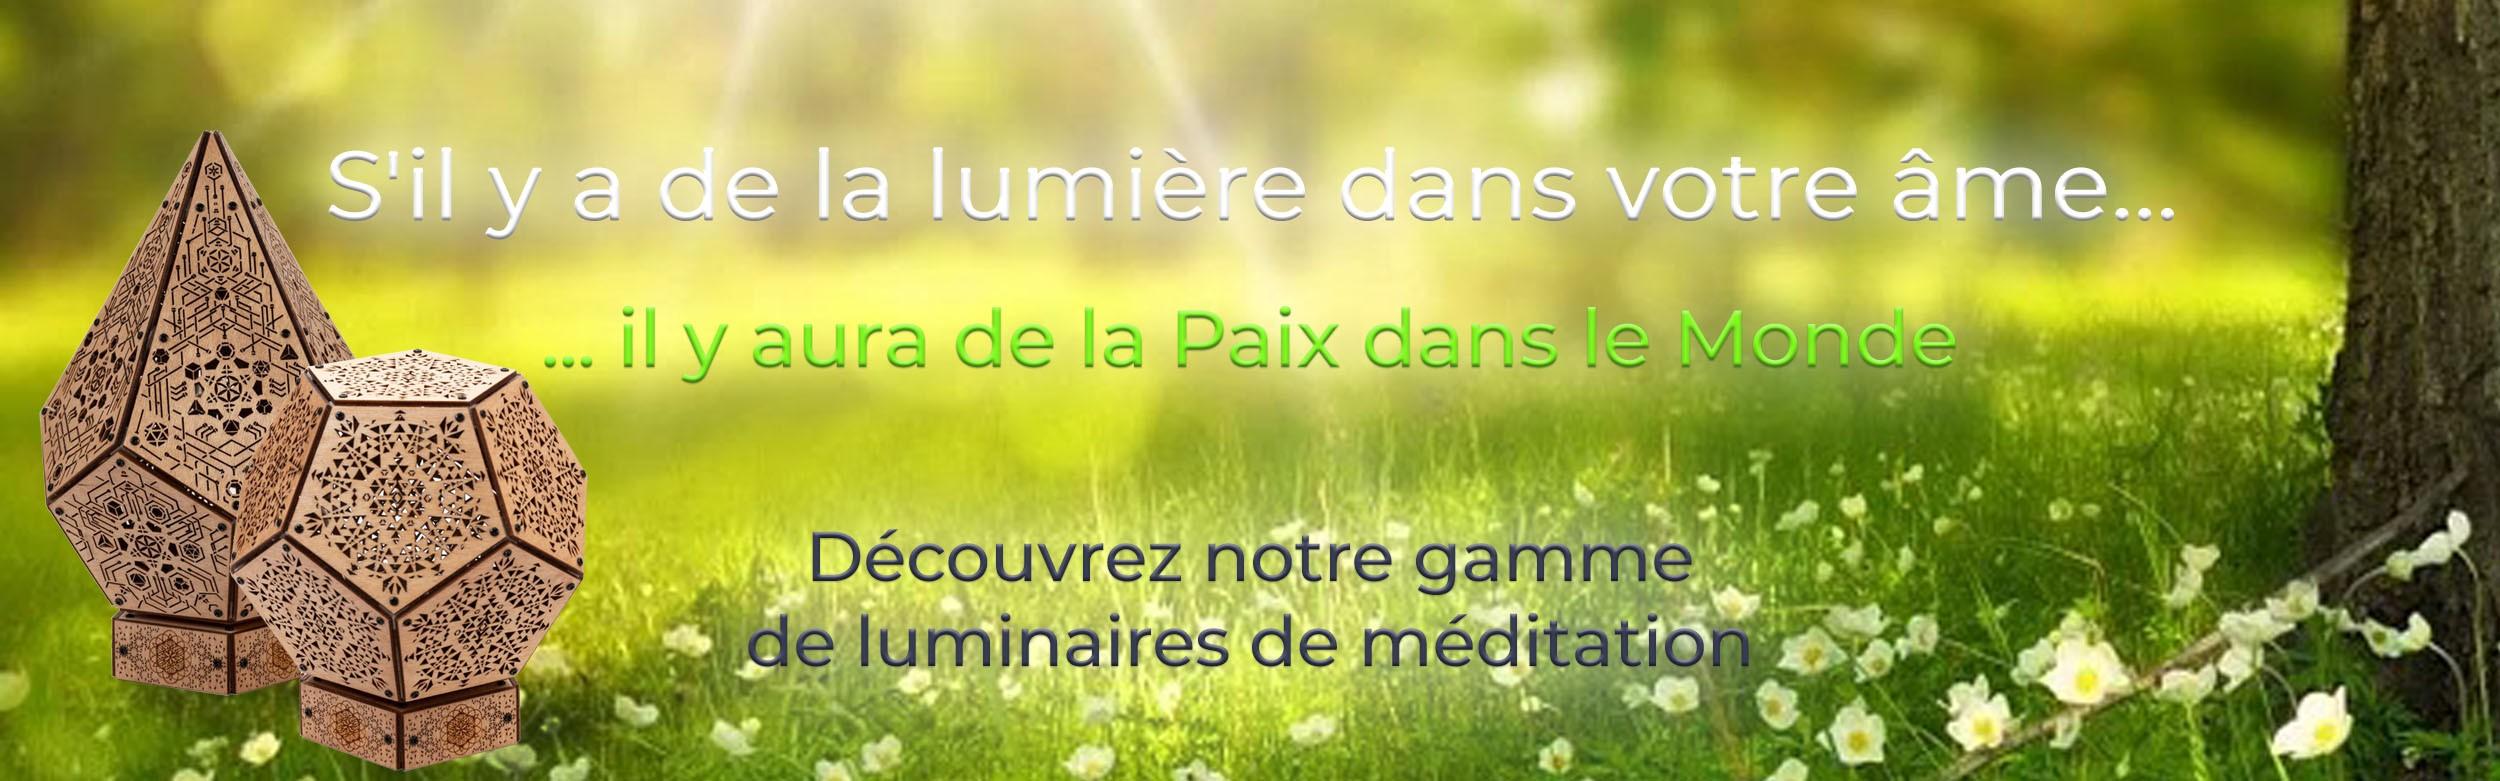 Nouveaux luminaires de méditation